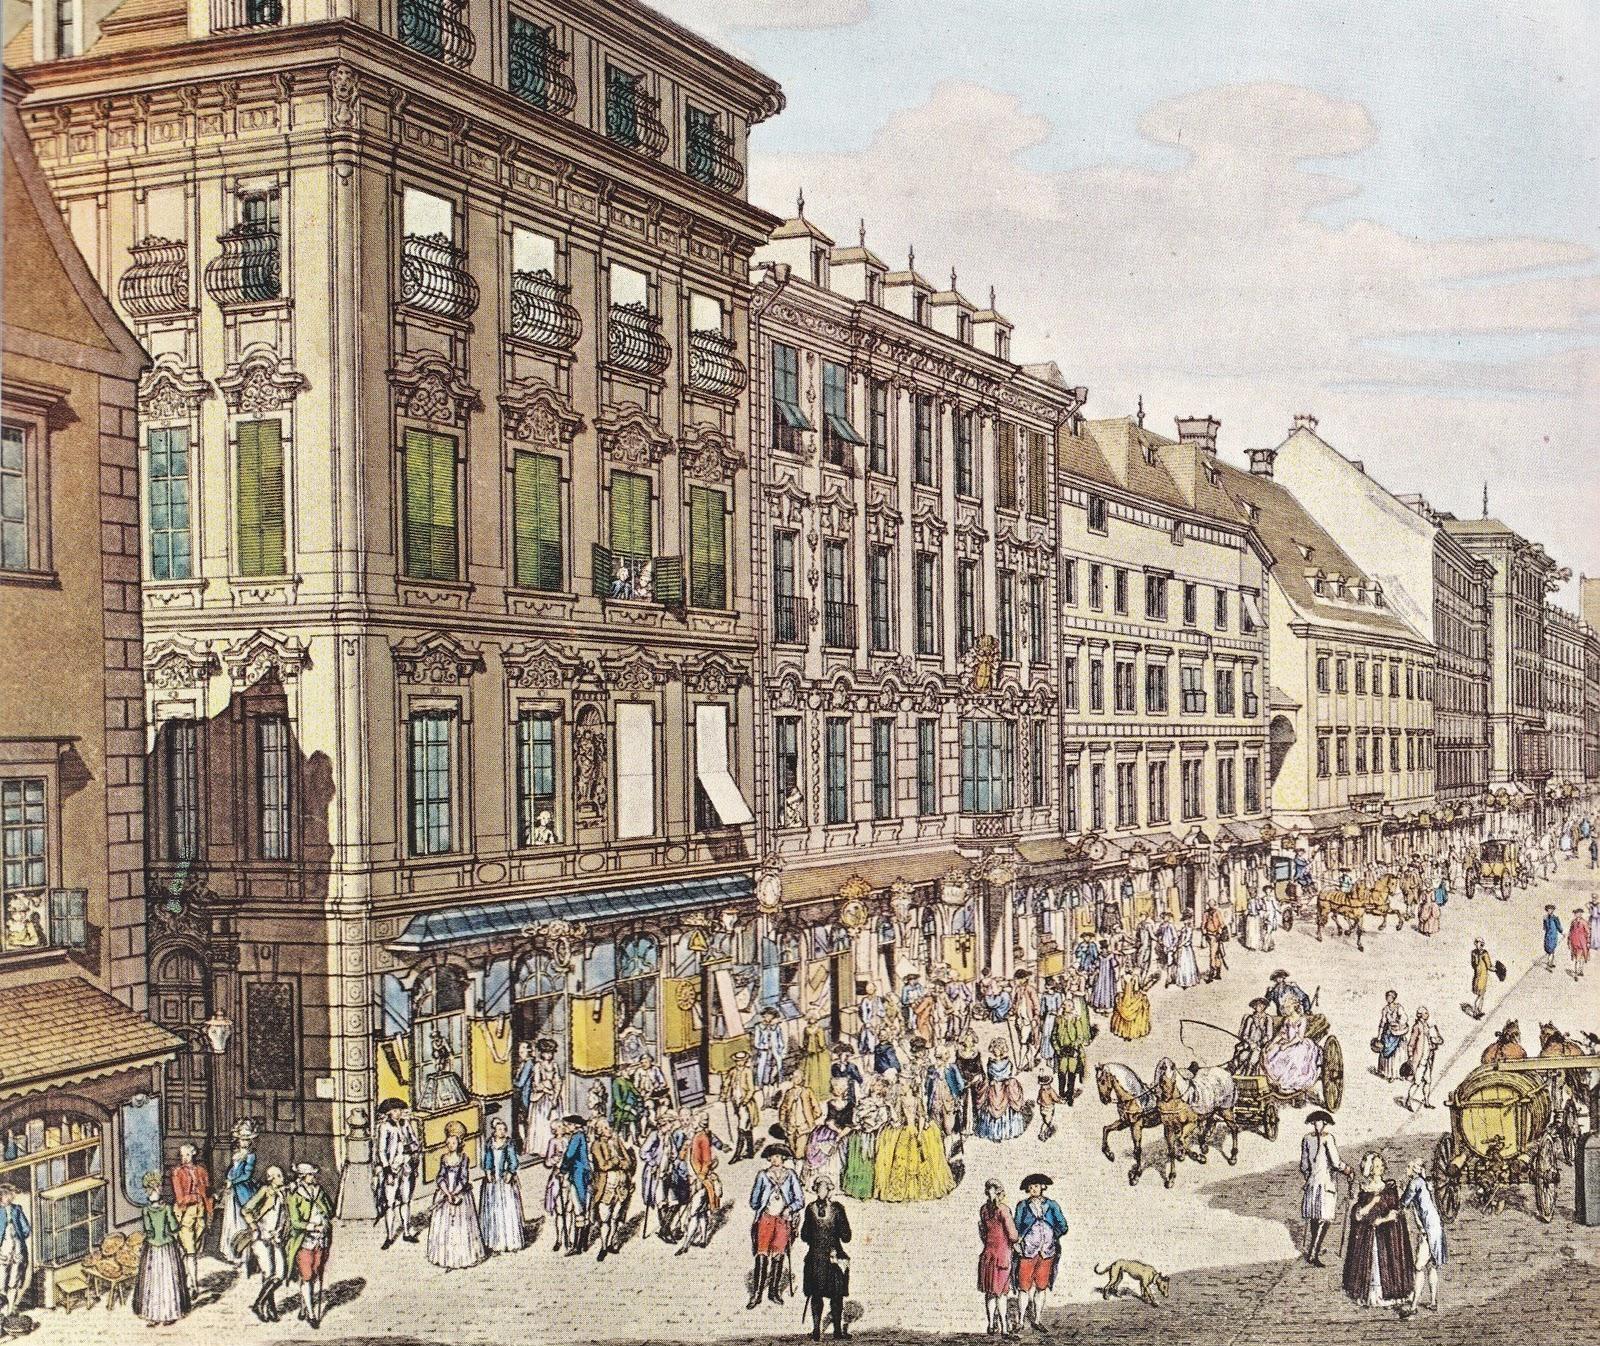 Wenen 1800 jaar - gravure